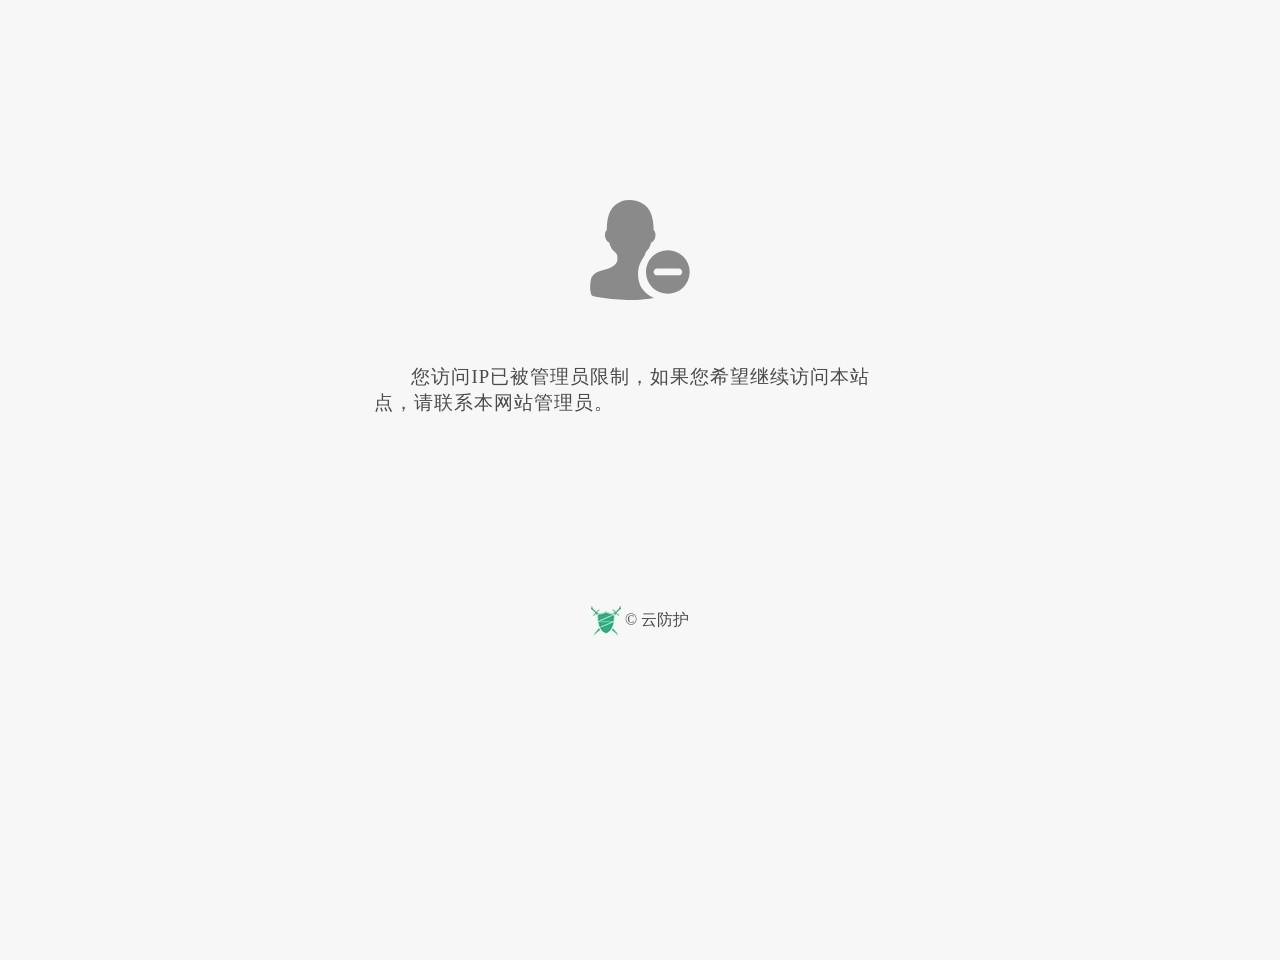 """中国义乌""""政府门户网站"""